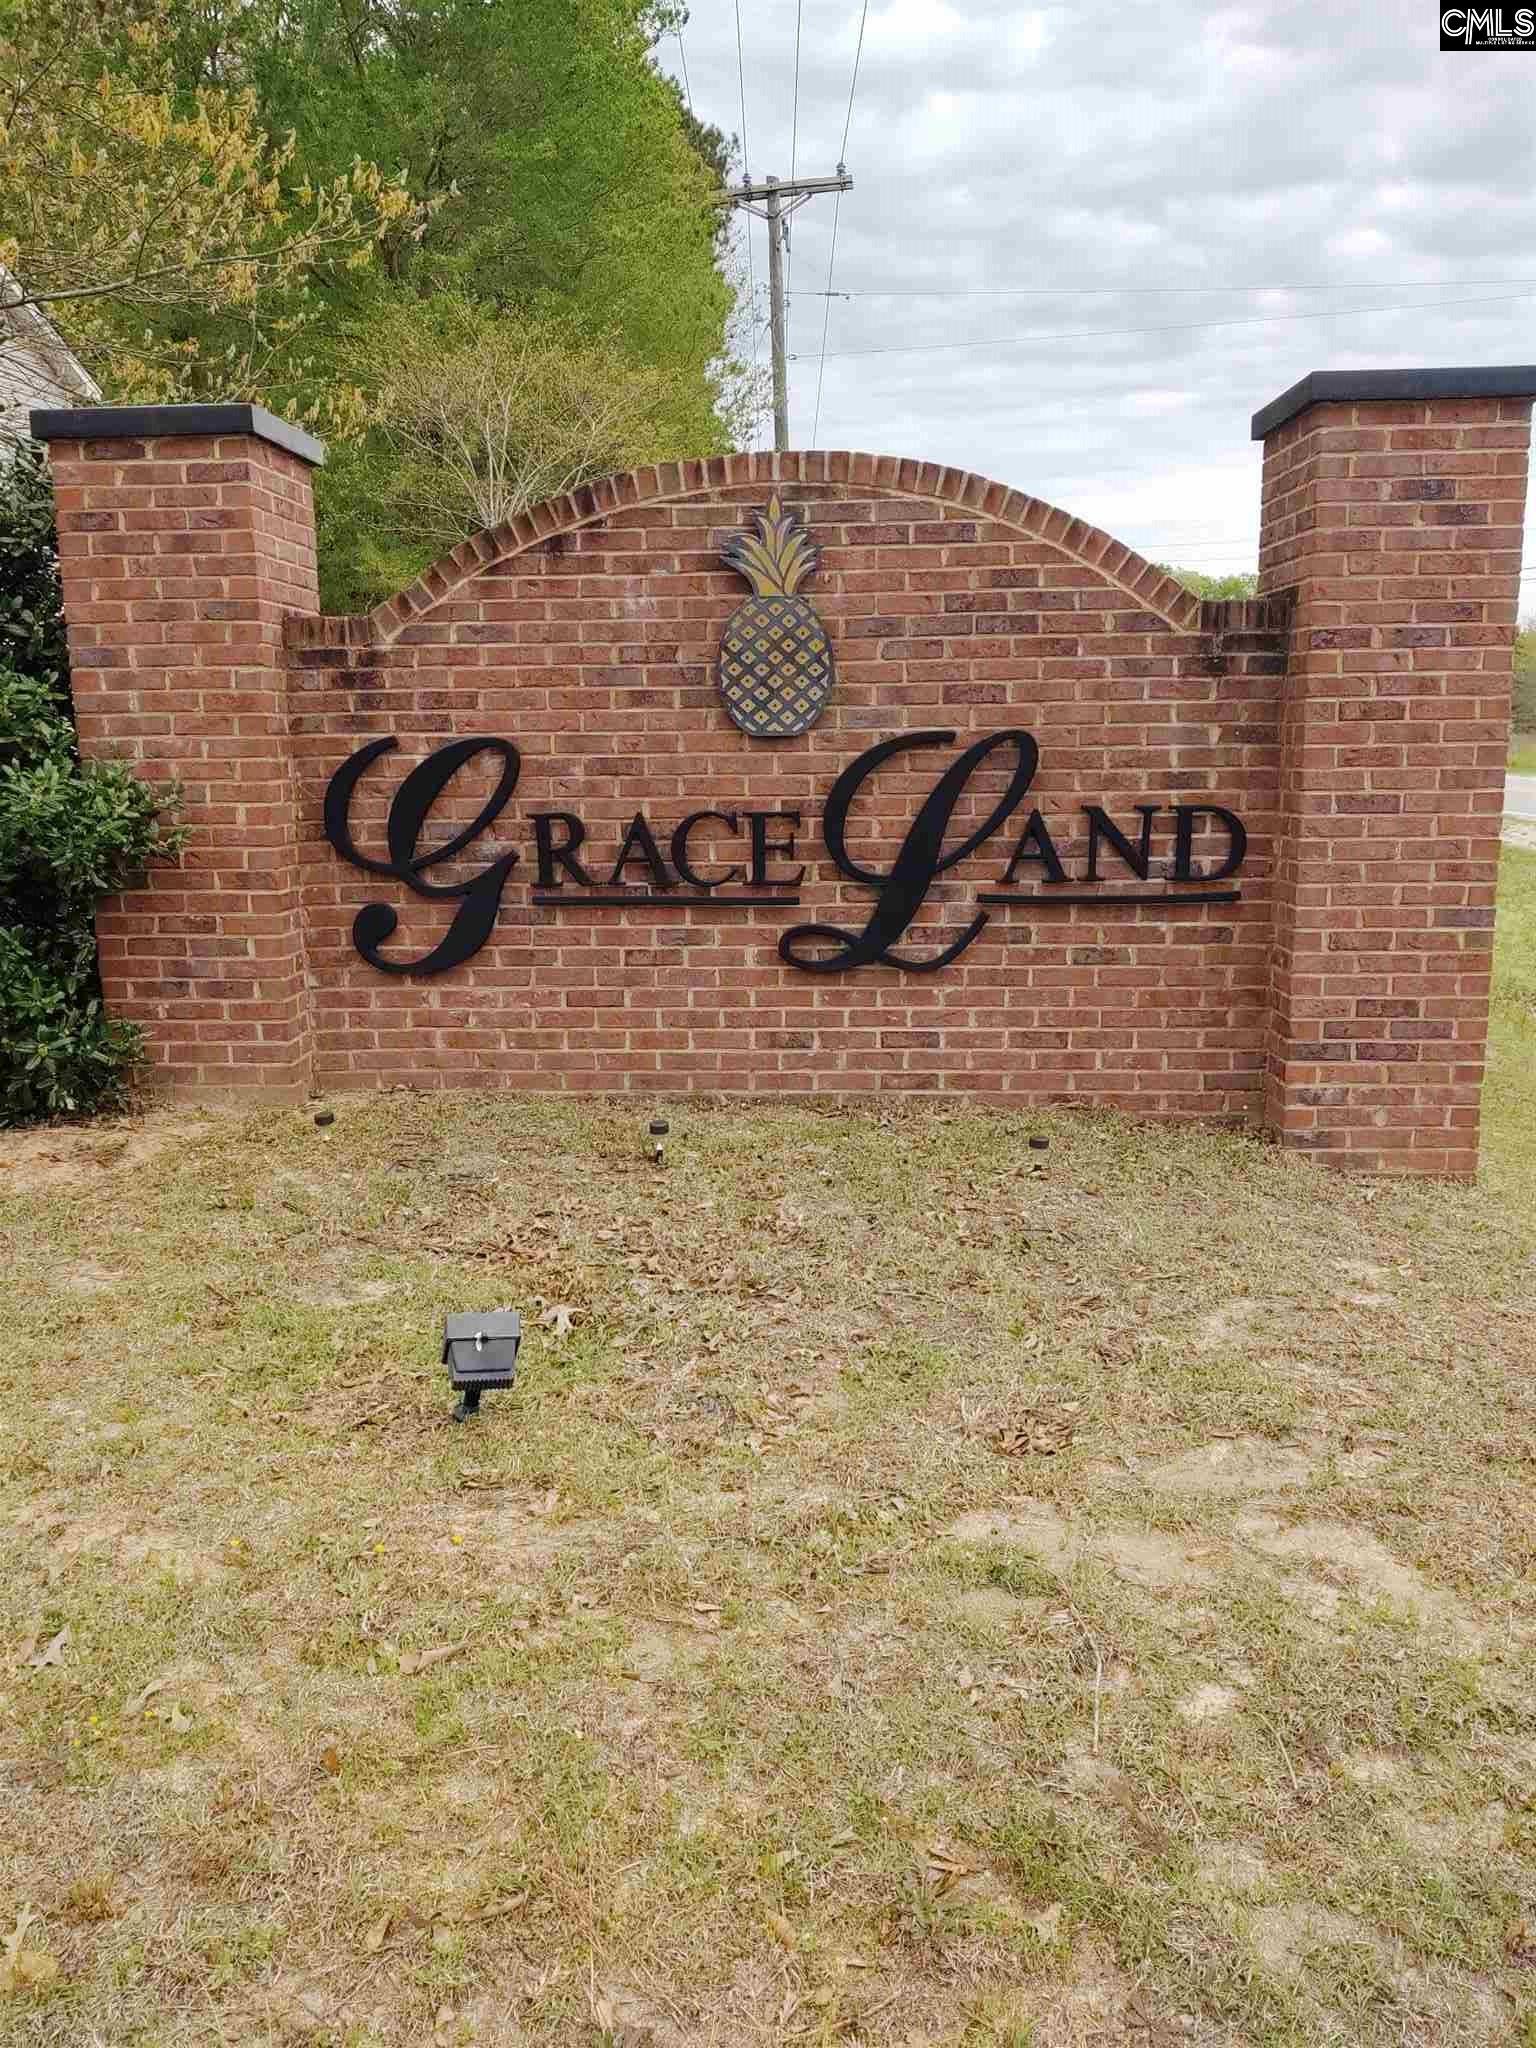 153 Graceland Swansea, SC 29160-8514